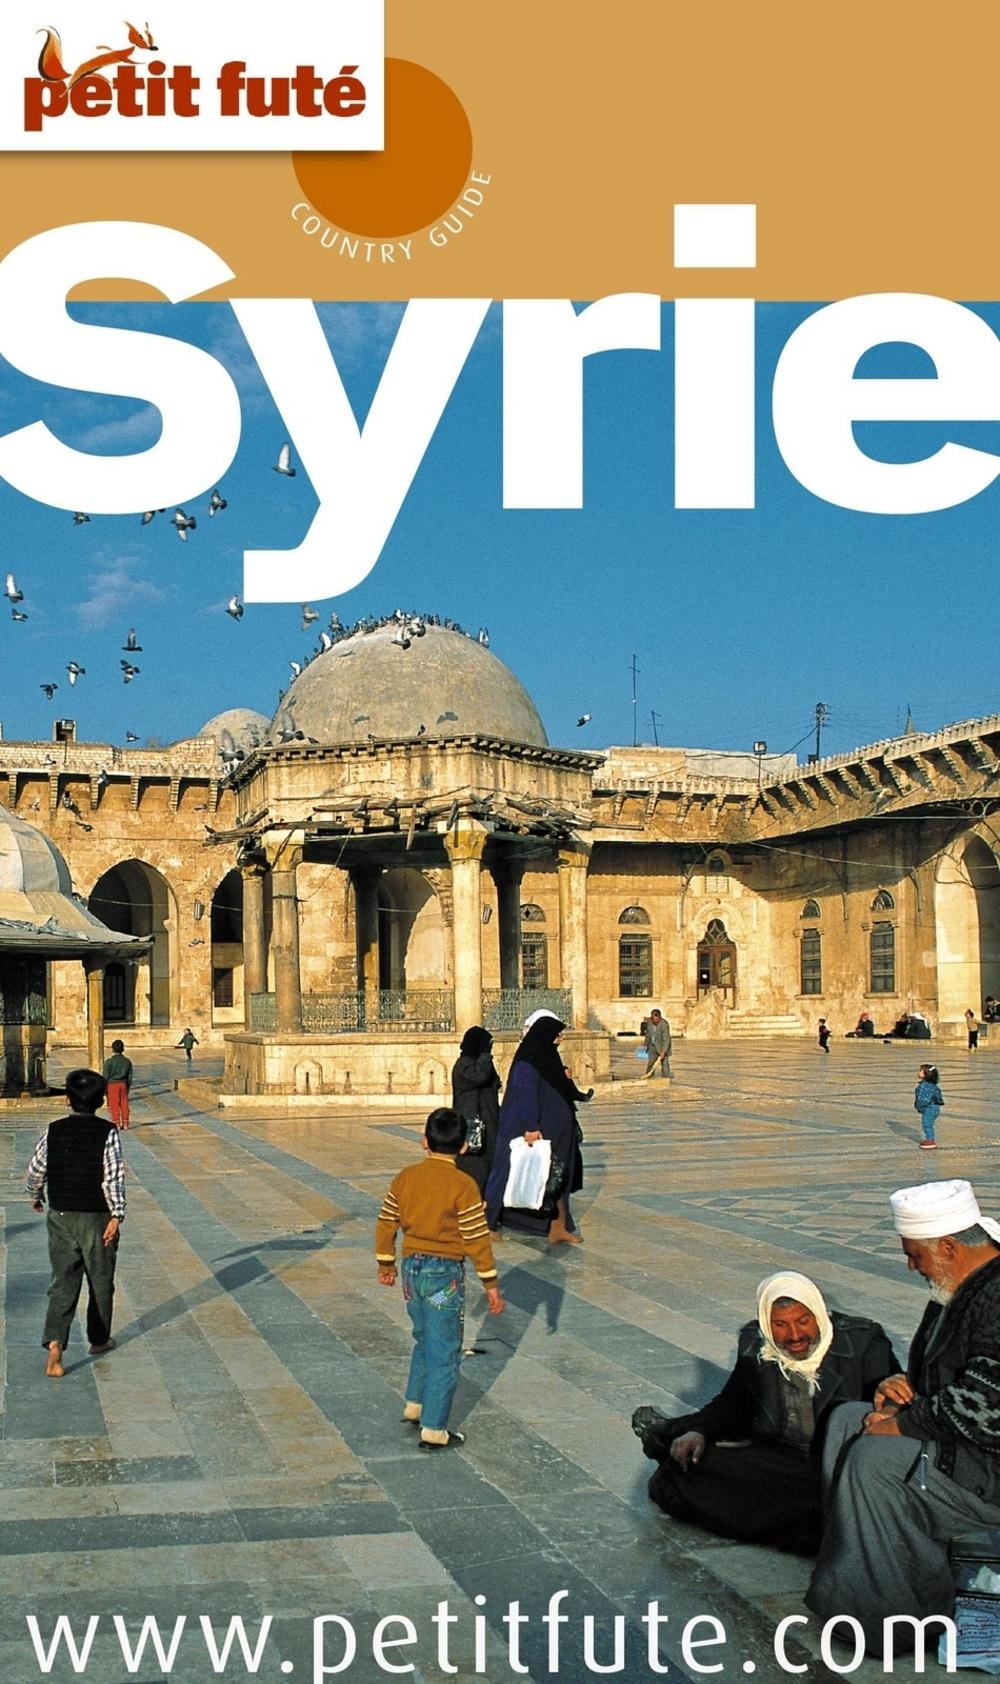 Syrie 2011/2012 Petit Futé